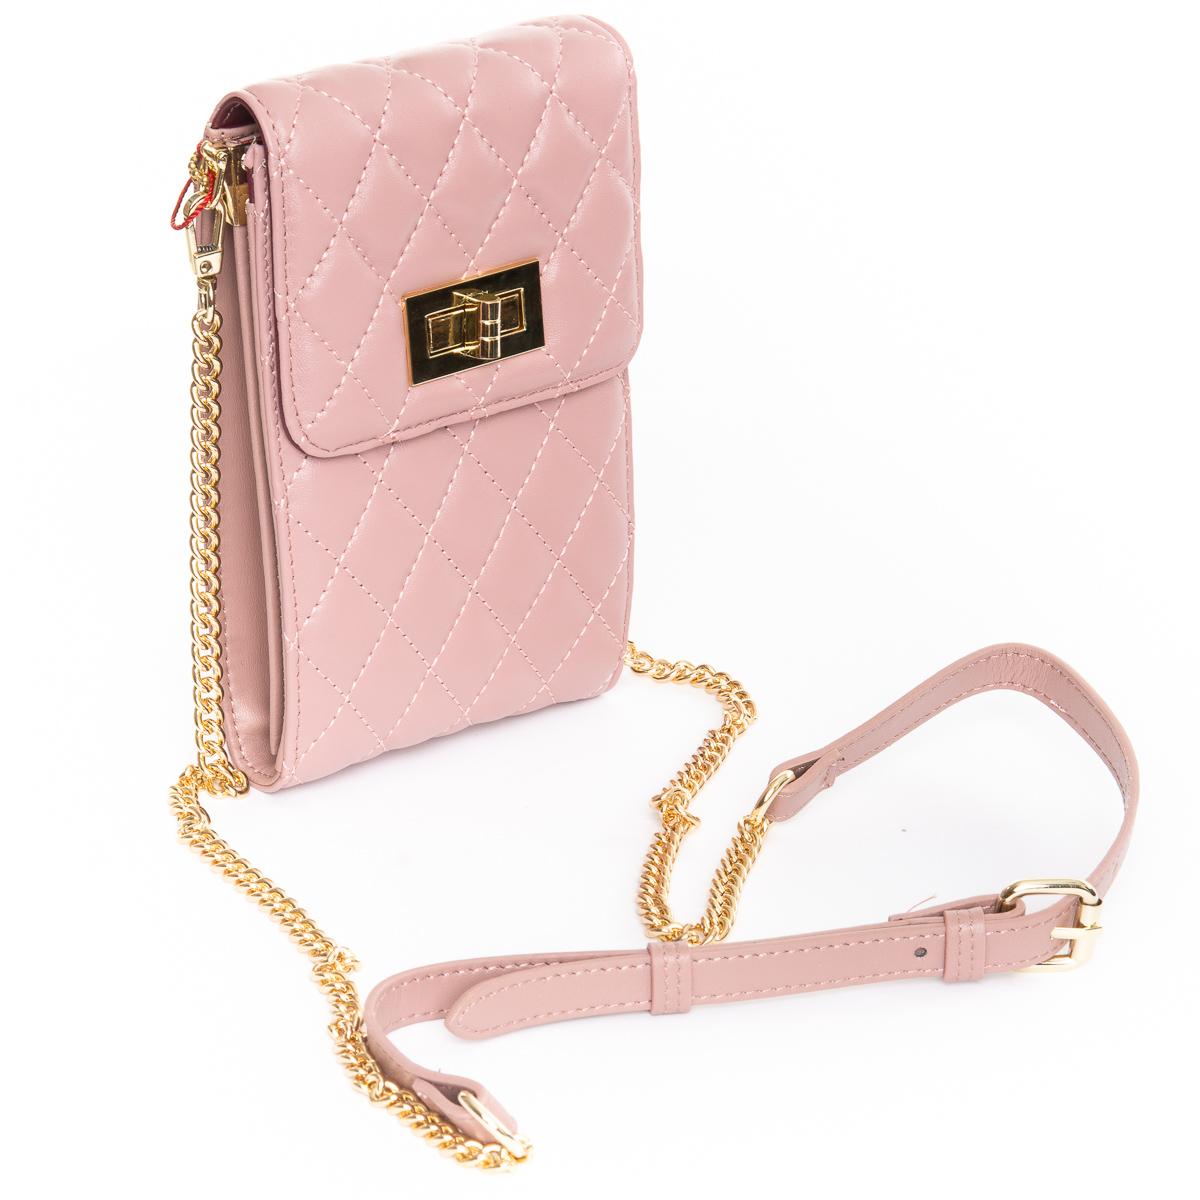 Сумка Женская Клатч кожа ALEX RAI 03-1 1038 pink - фото 4